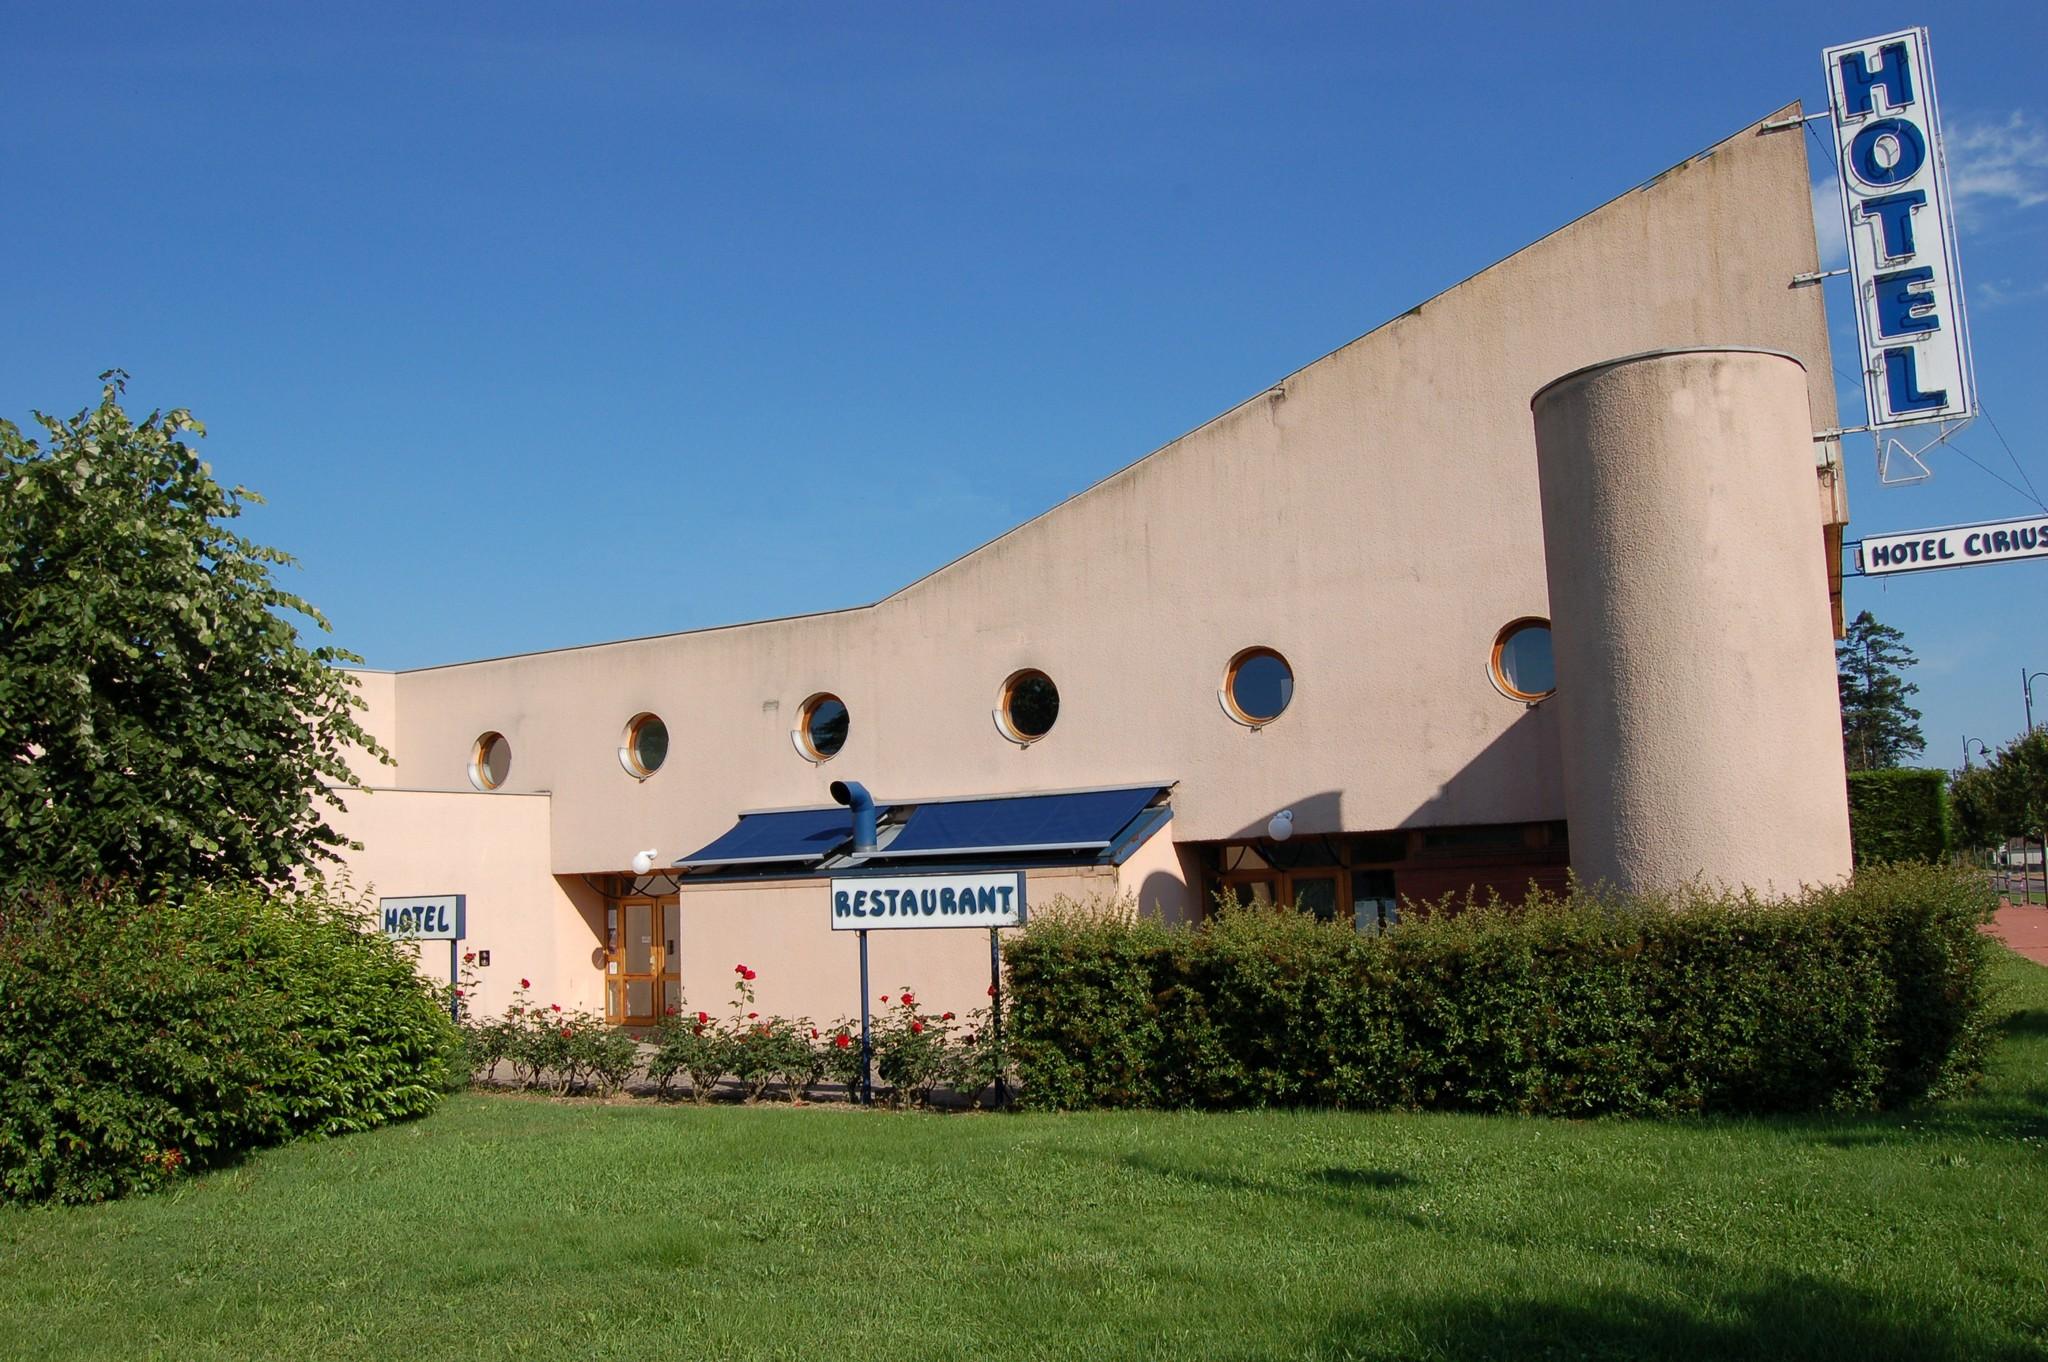 Cirius Hotel